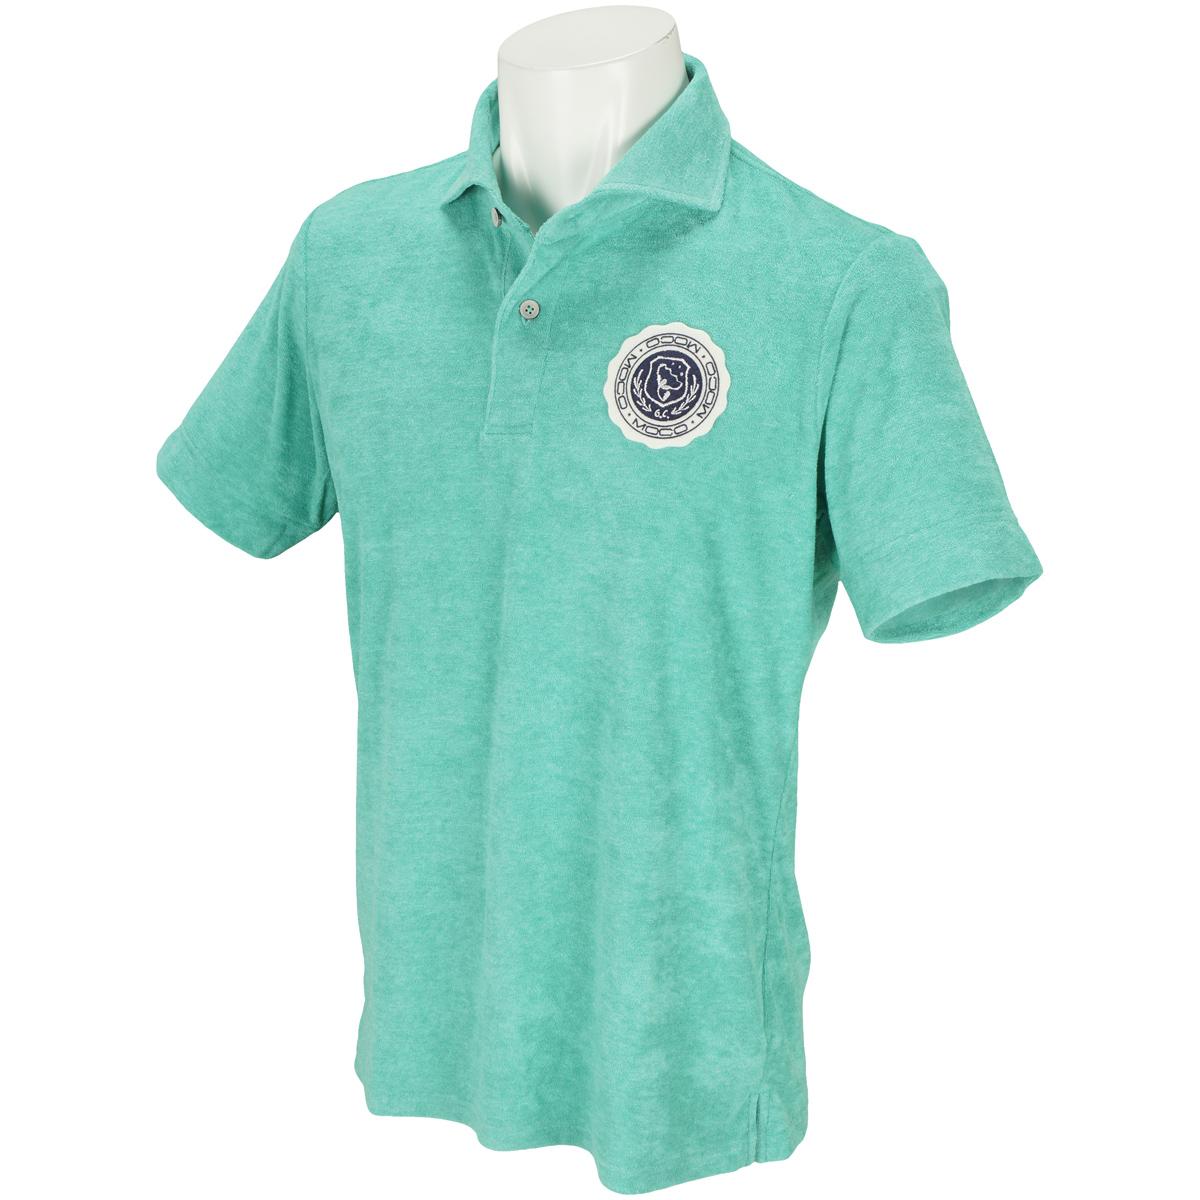 クールパイル半袖ポロシャツ